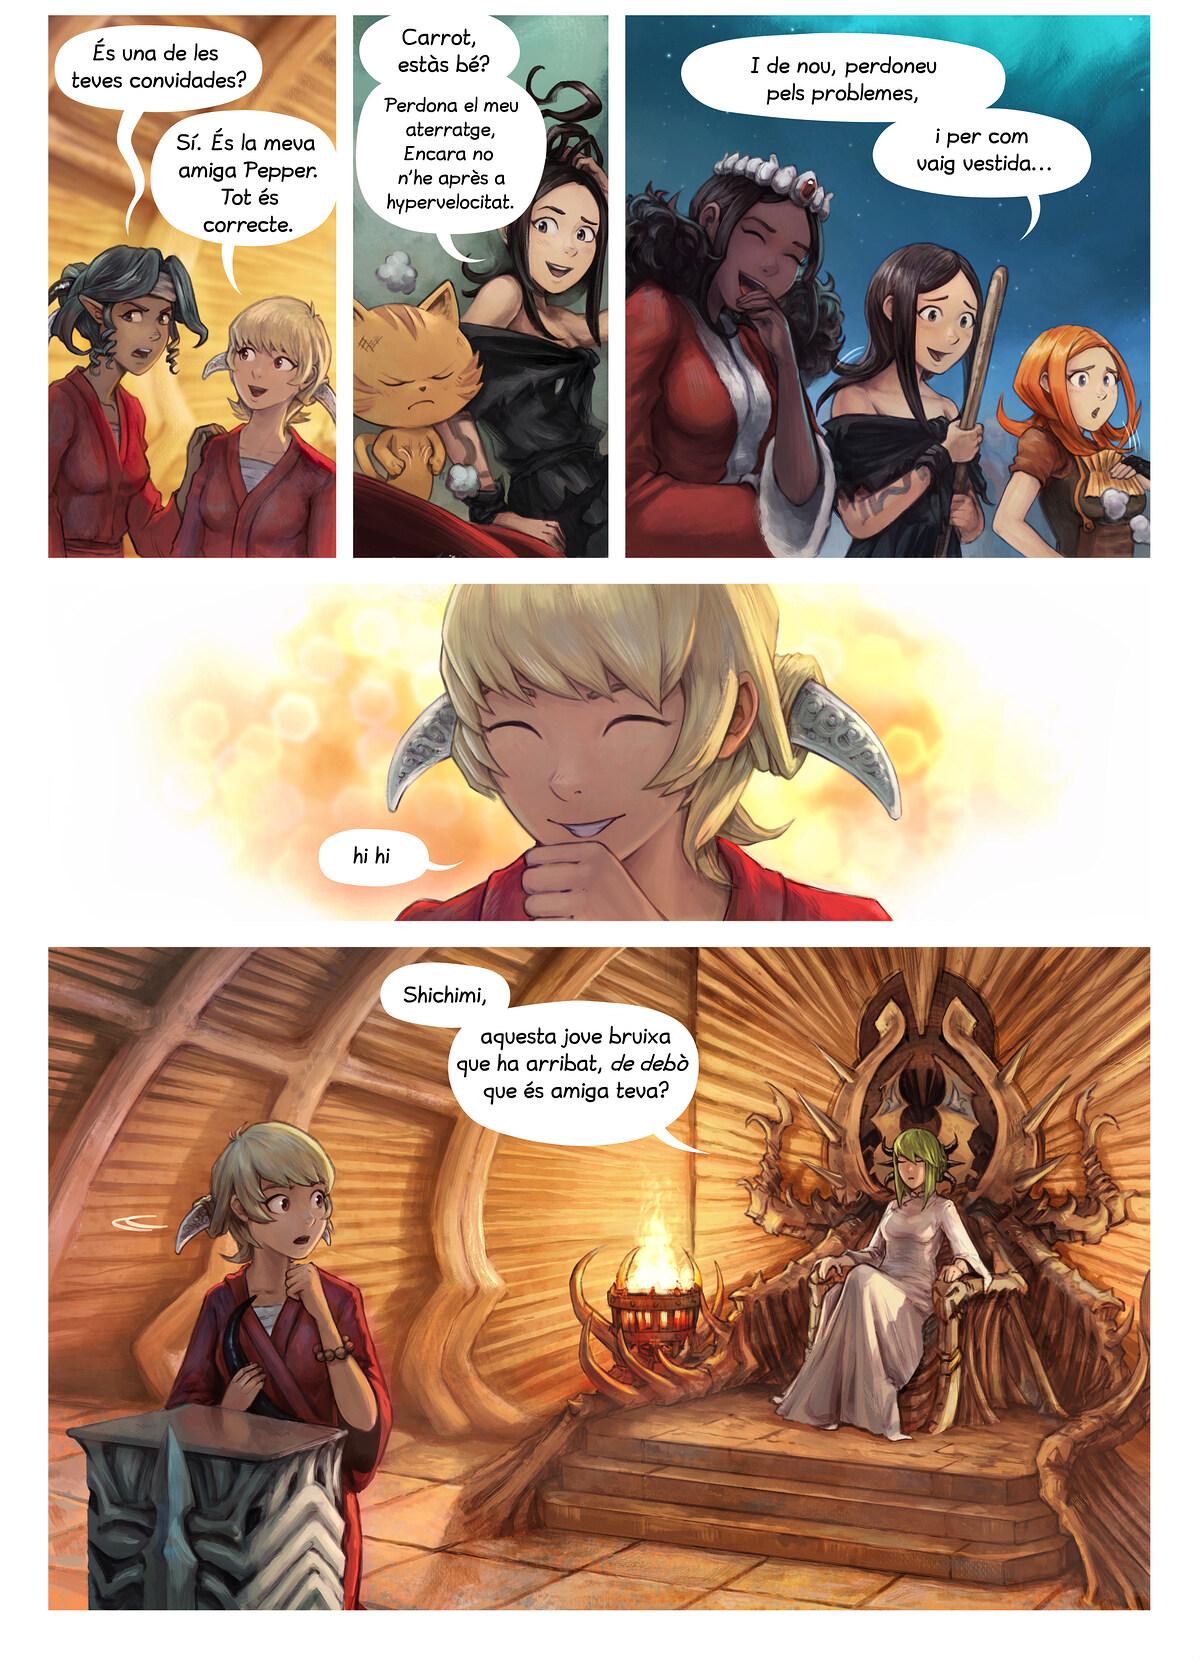 Episodi 34: L'ordenació de la Shichimi, Page 3